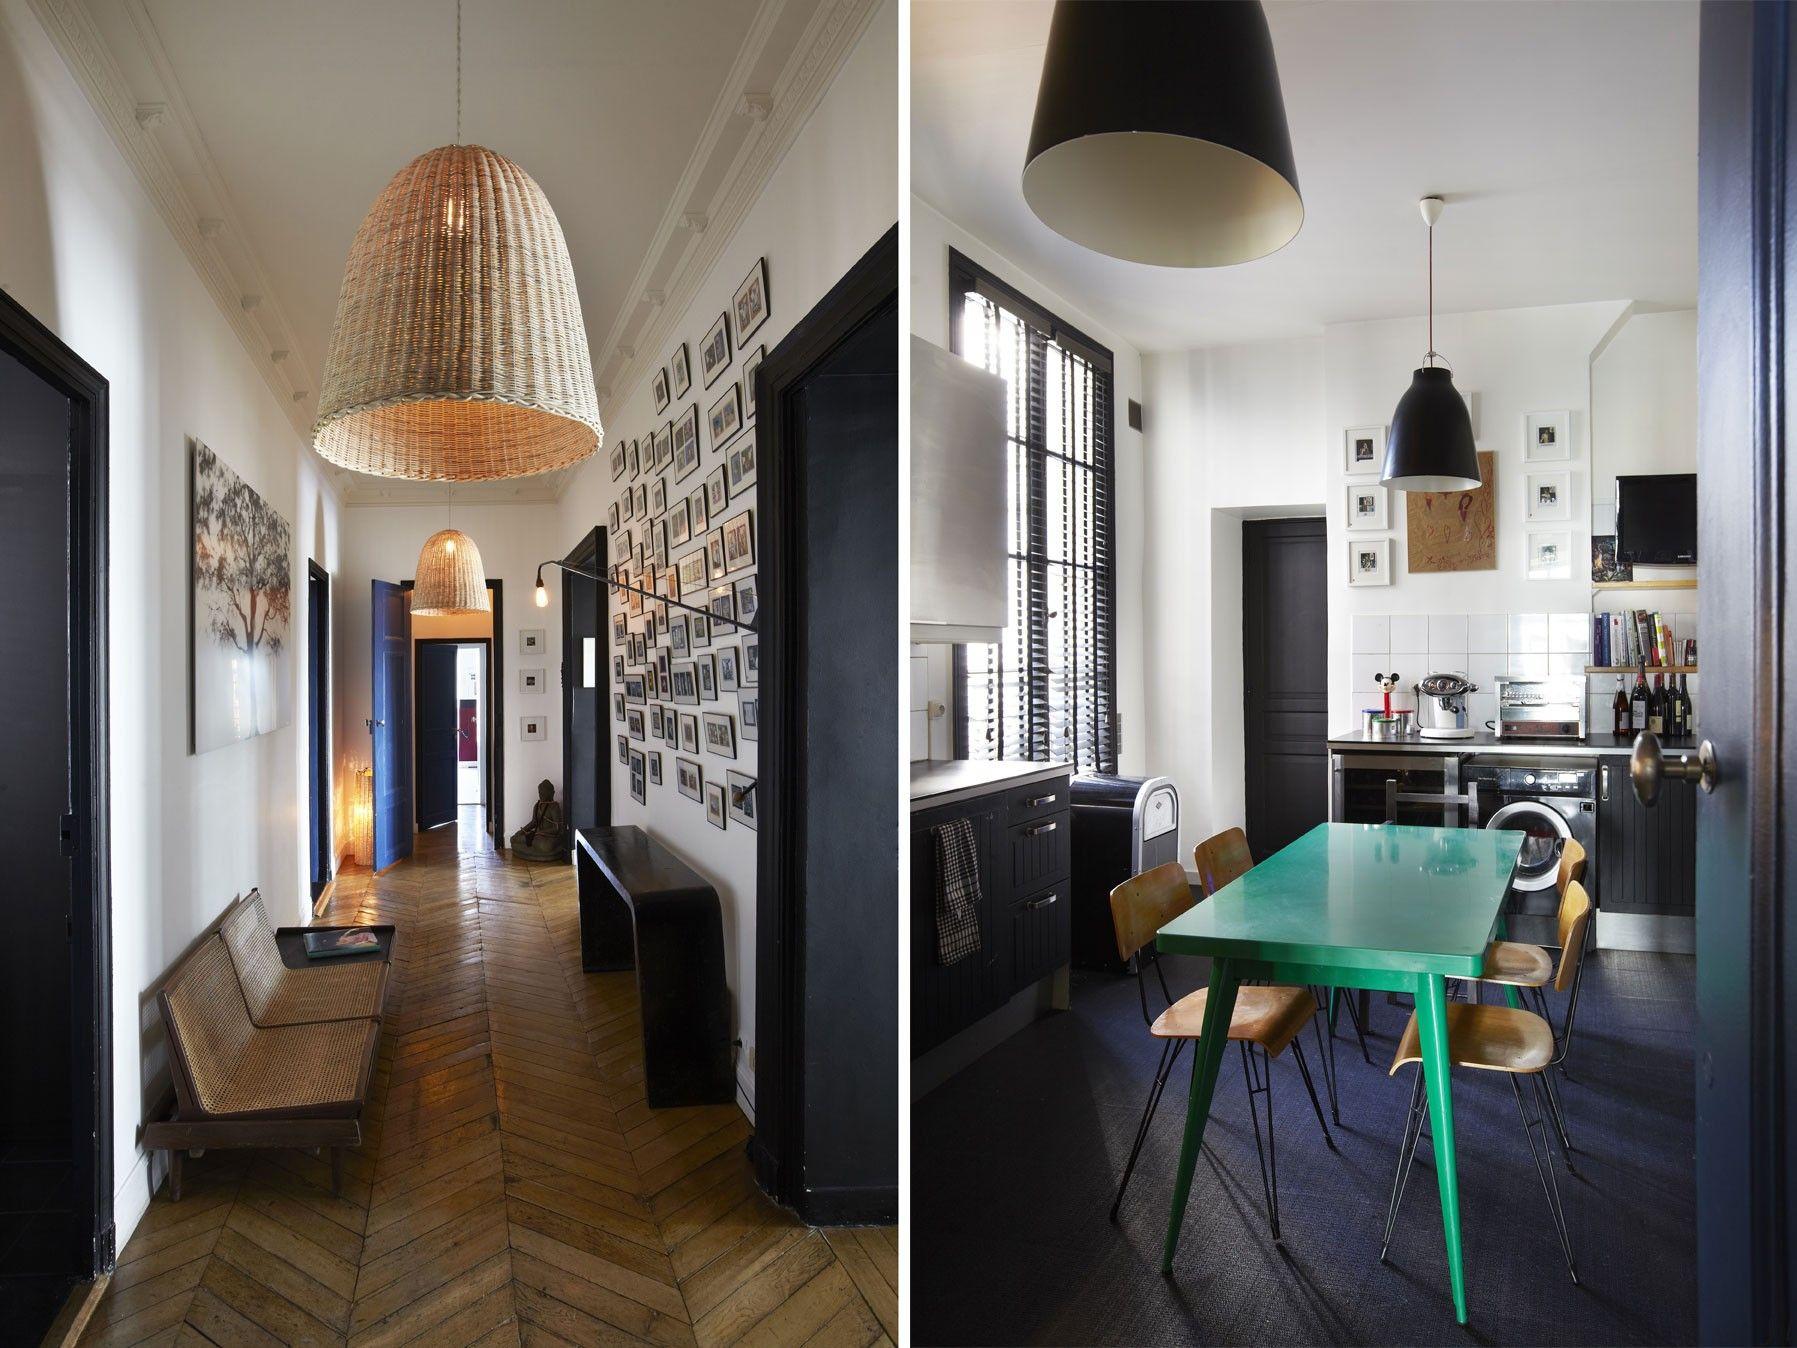 Sarah lavoine designer d int rieur i want to go to there part 1 home appartement - Maison de la hongrie paris ...